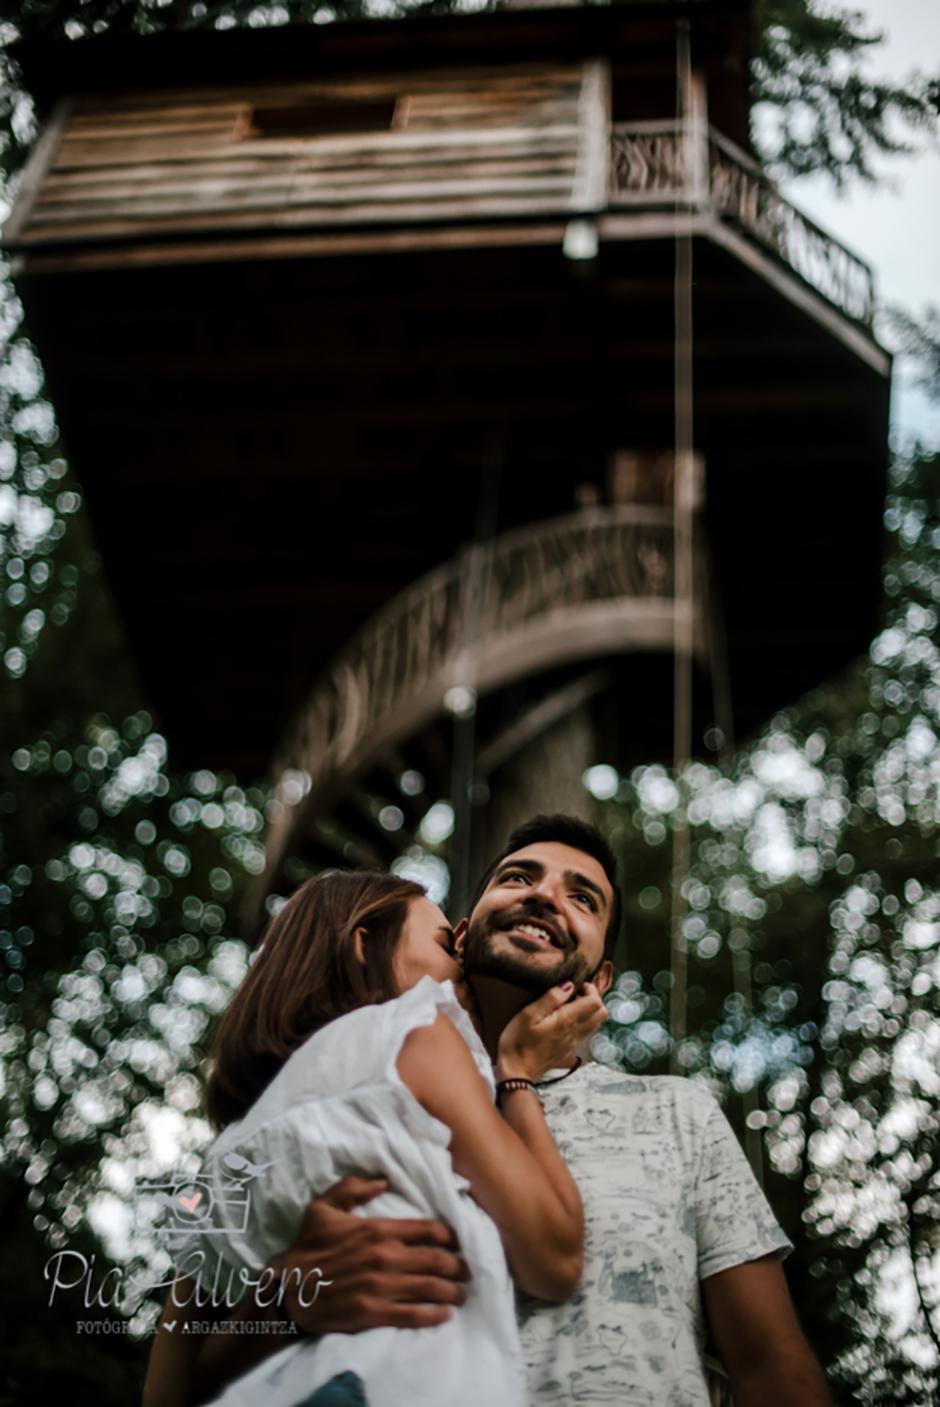 Pia Alvero fotografia de pareja en Bilbao.Love-29